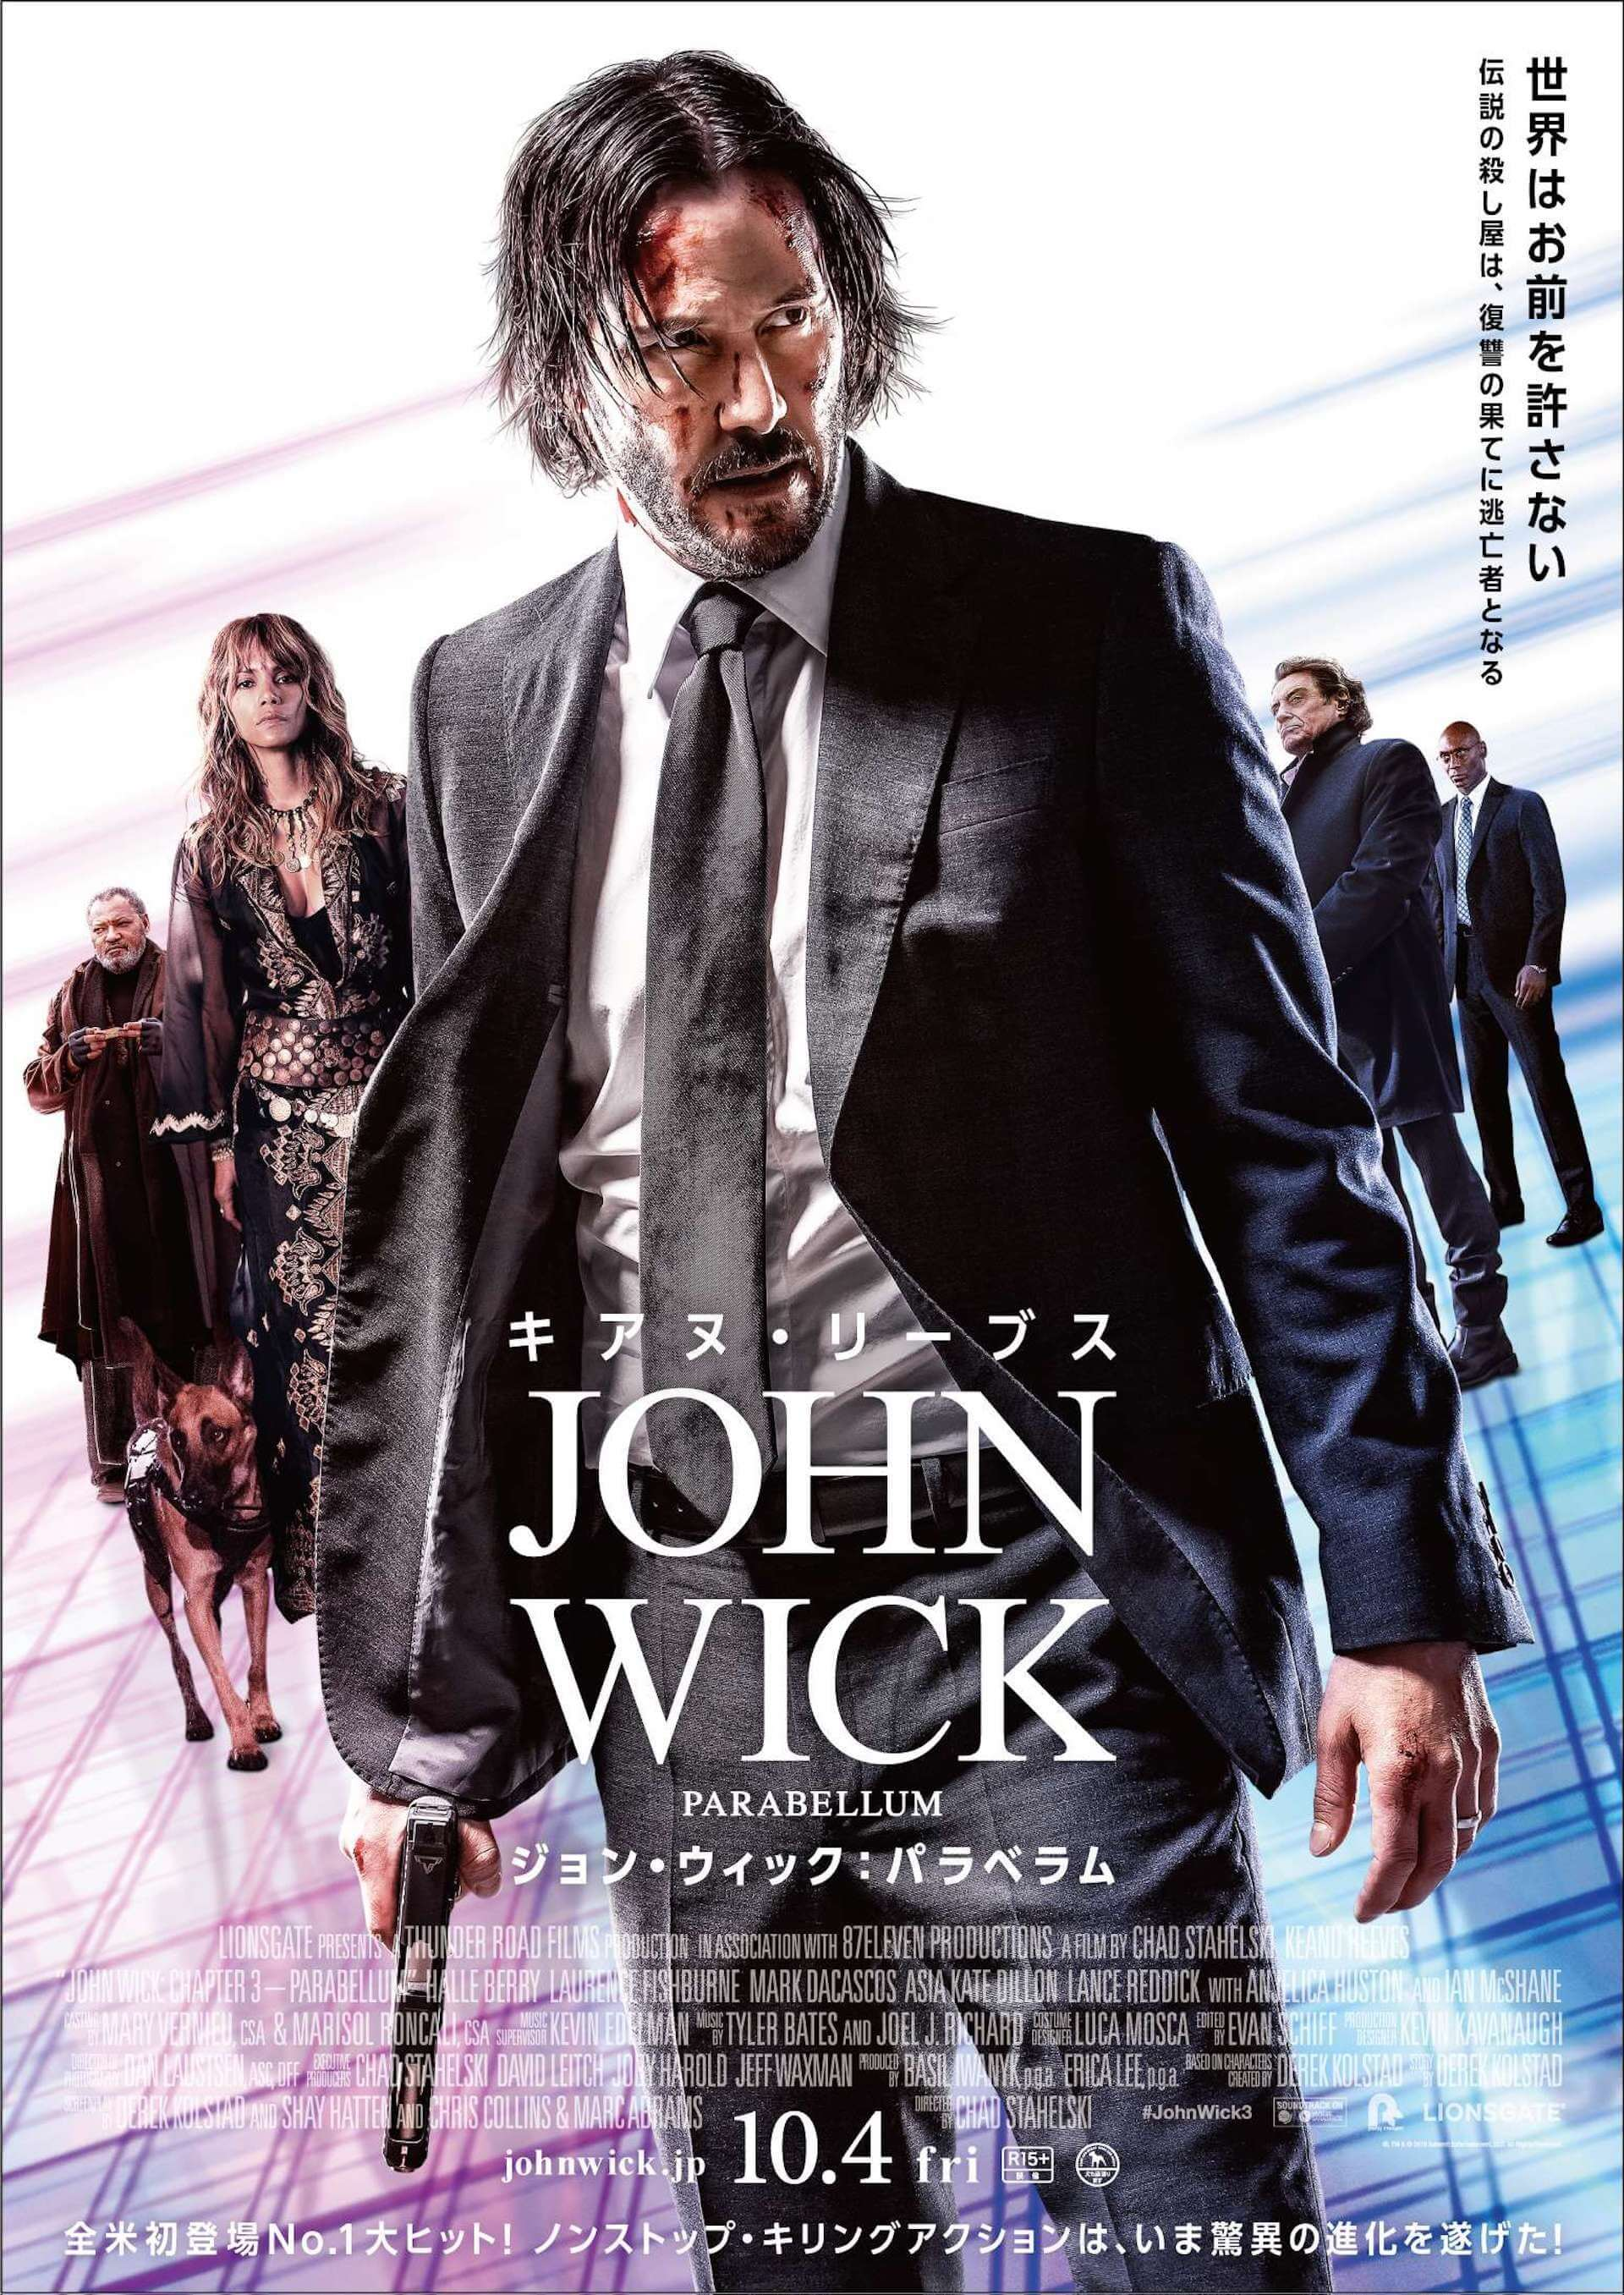 世界はキアヌを許さない 『ジョン・ウィック:パラベラム』公開日決定&新ポスター解禁! film190718_johnwick_japan_poster_main-1920x2713